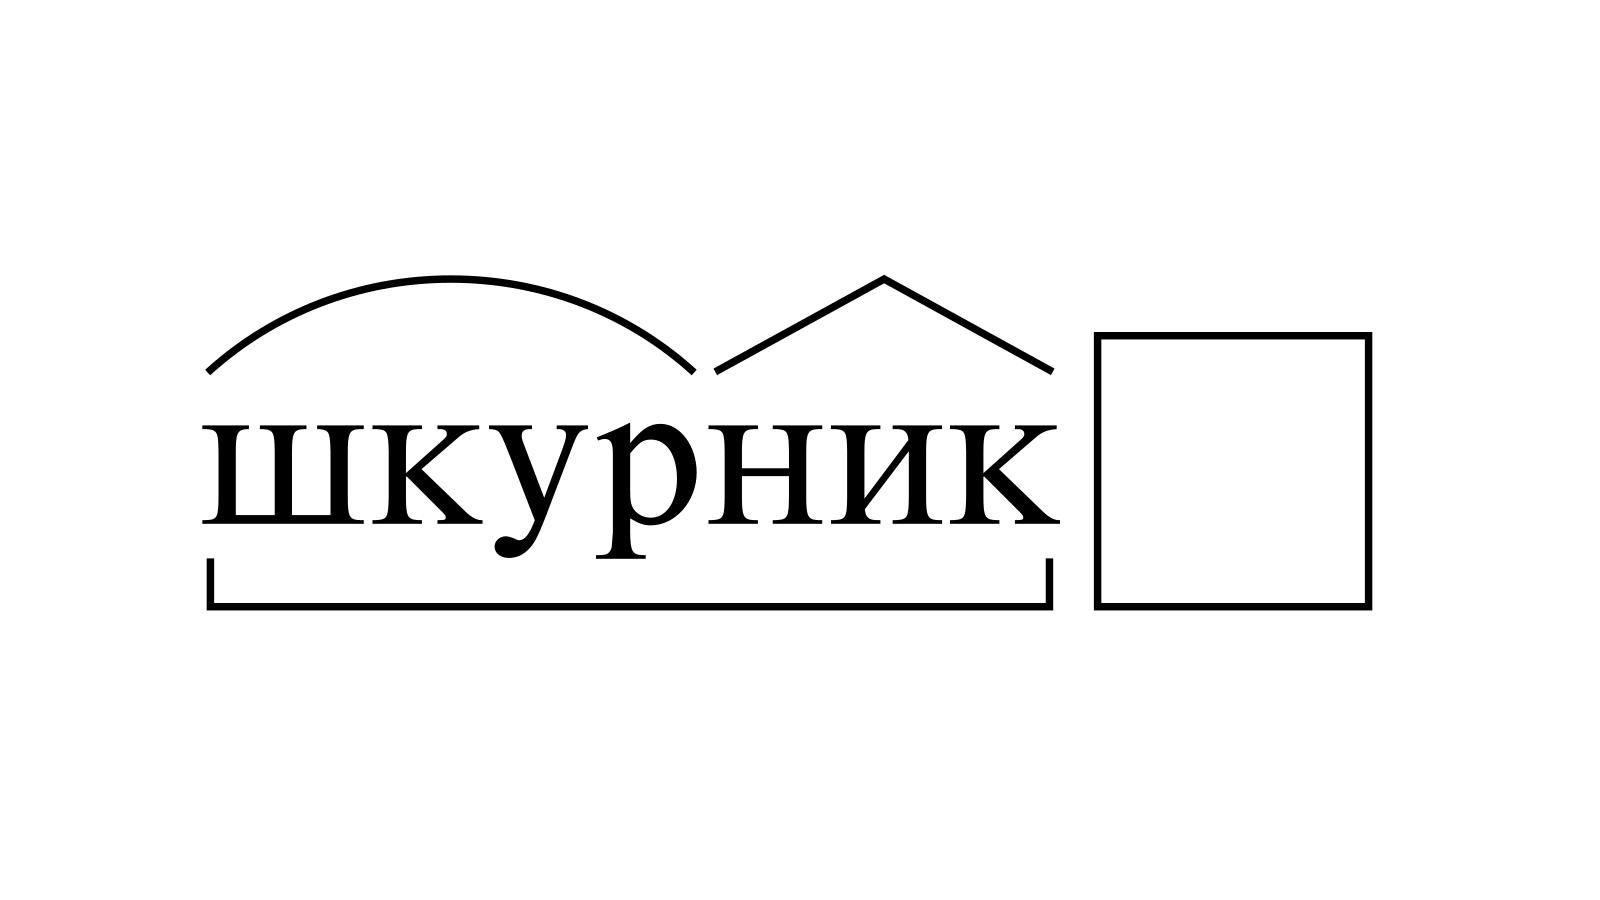 Разбор слова «шкурник» по составу